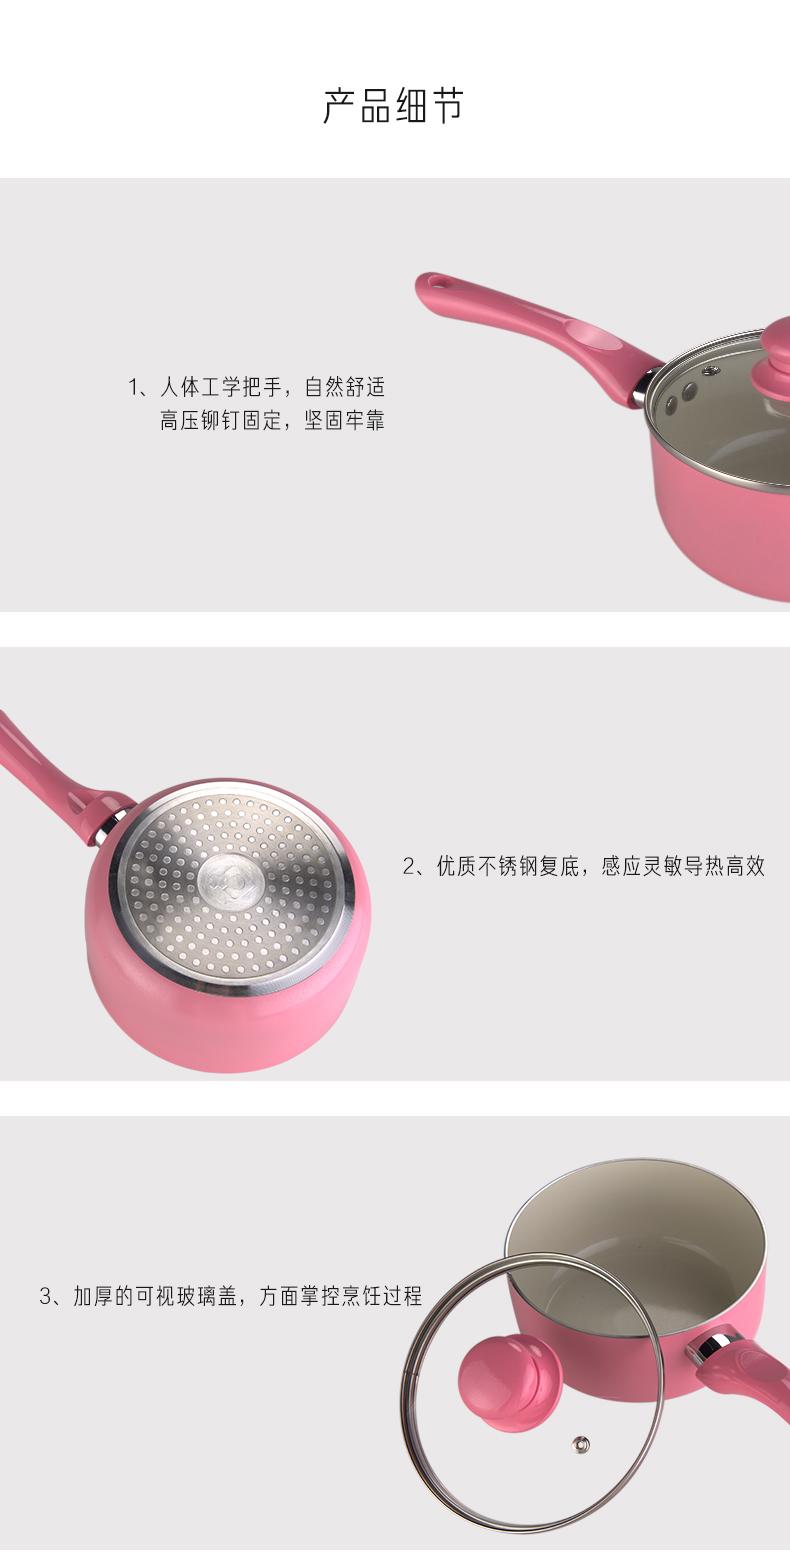 粉色奶锅详情页_11.jpg